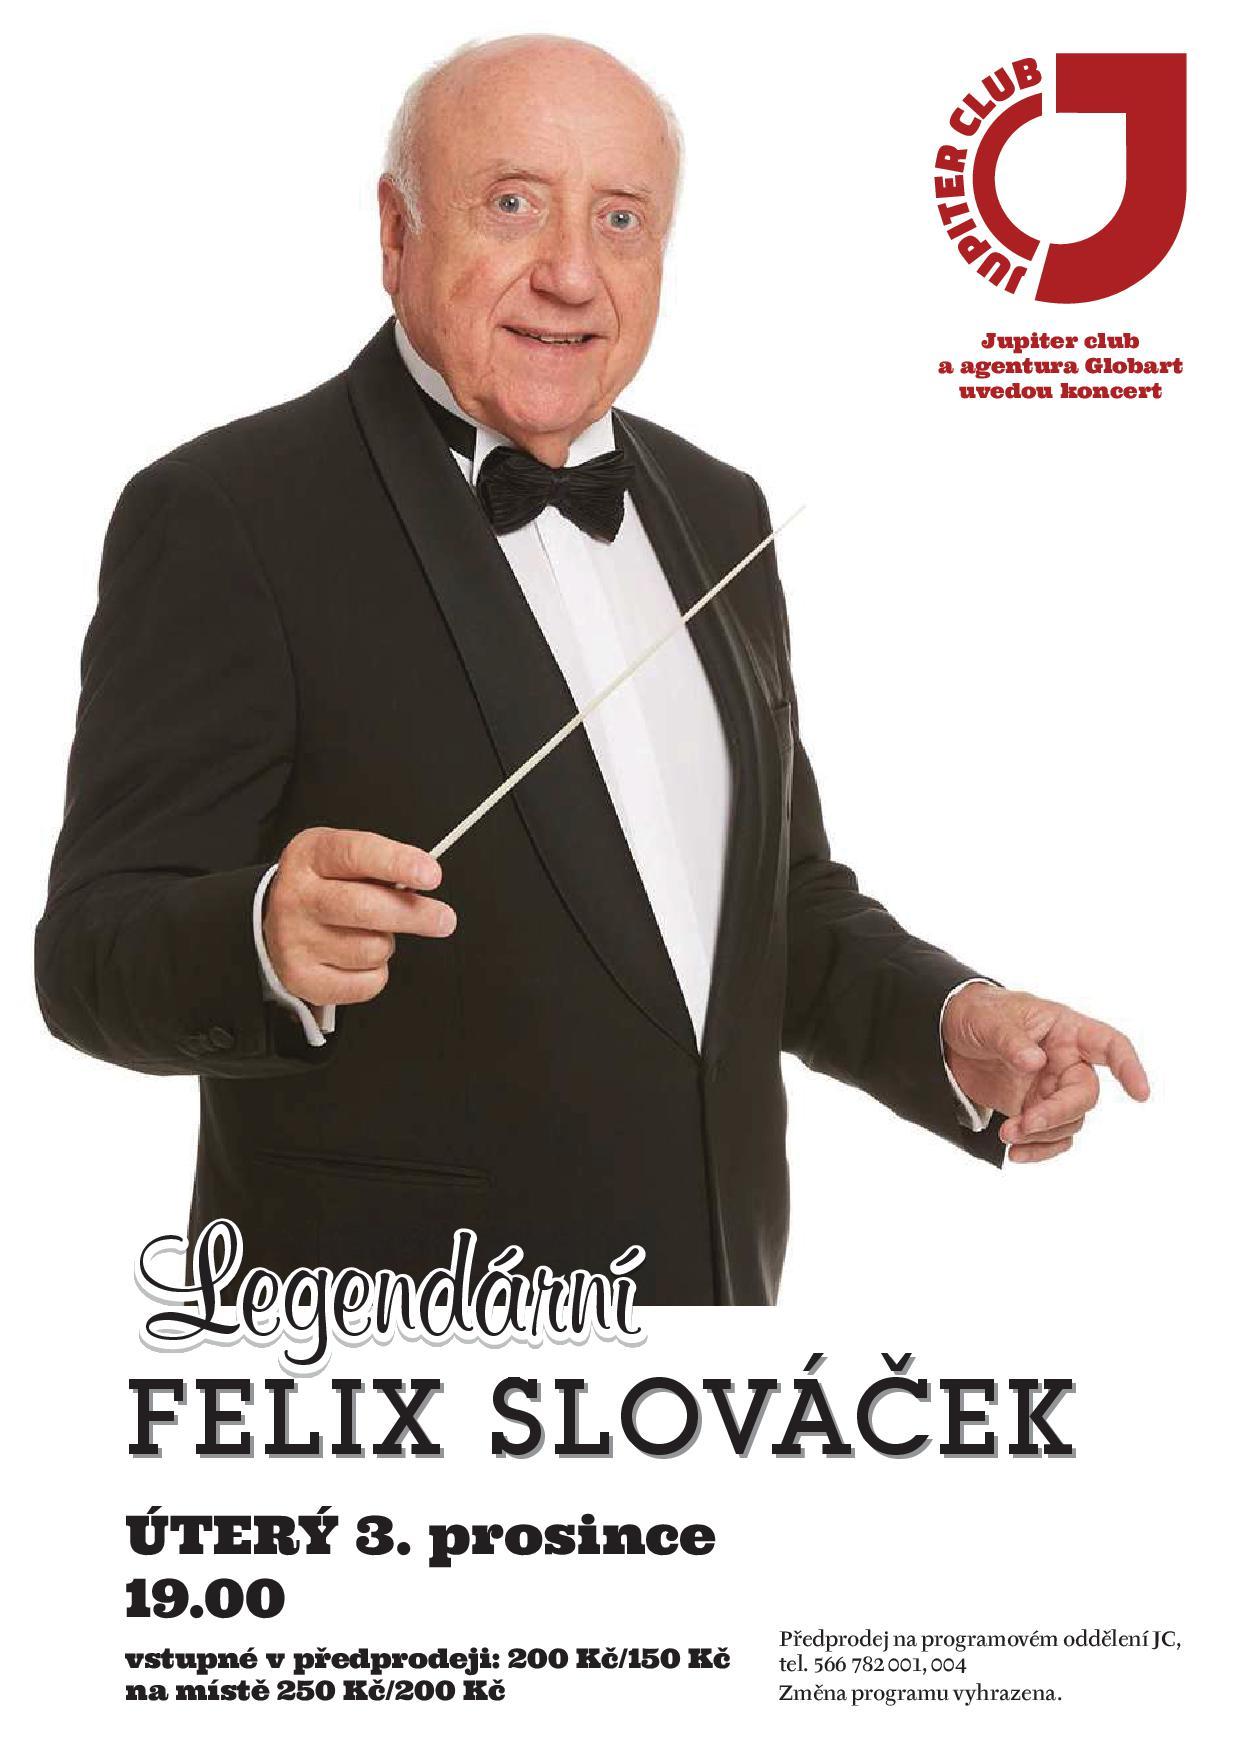 A3 poster slovacek